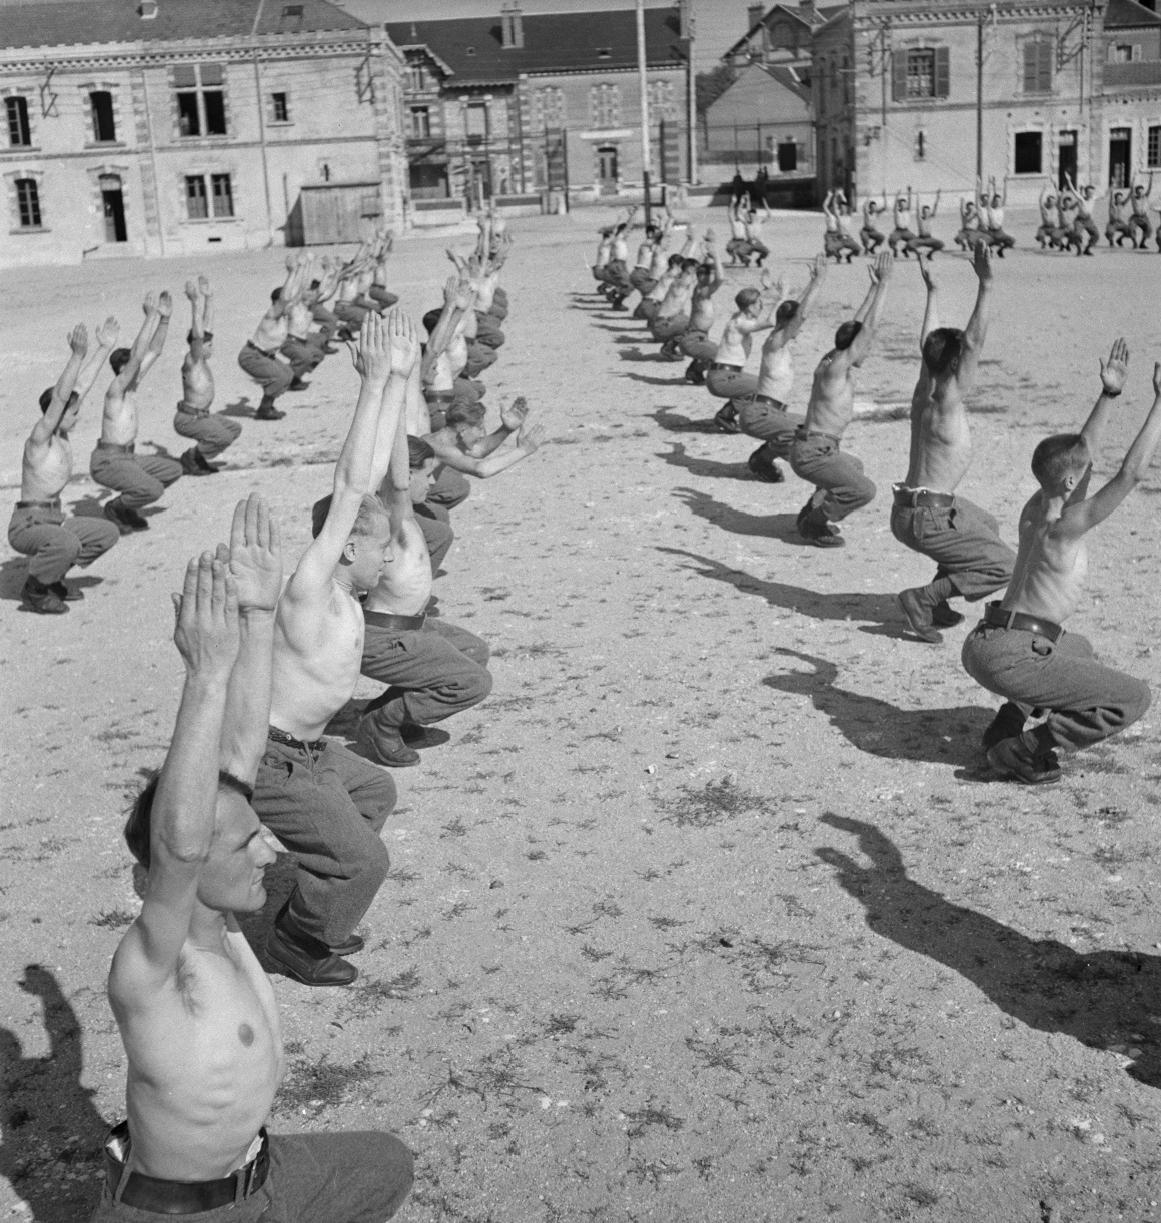 Ежедневный урок физкультуры проходит под наблюдением спортсменов-инструкторов